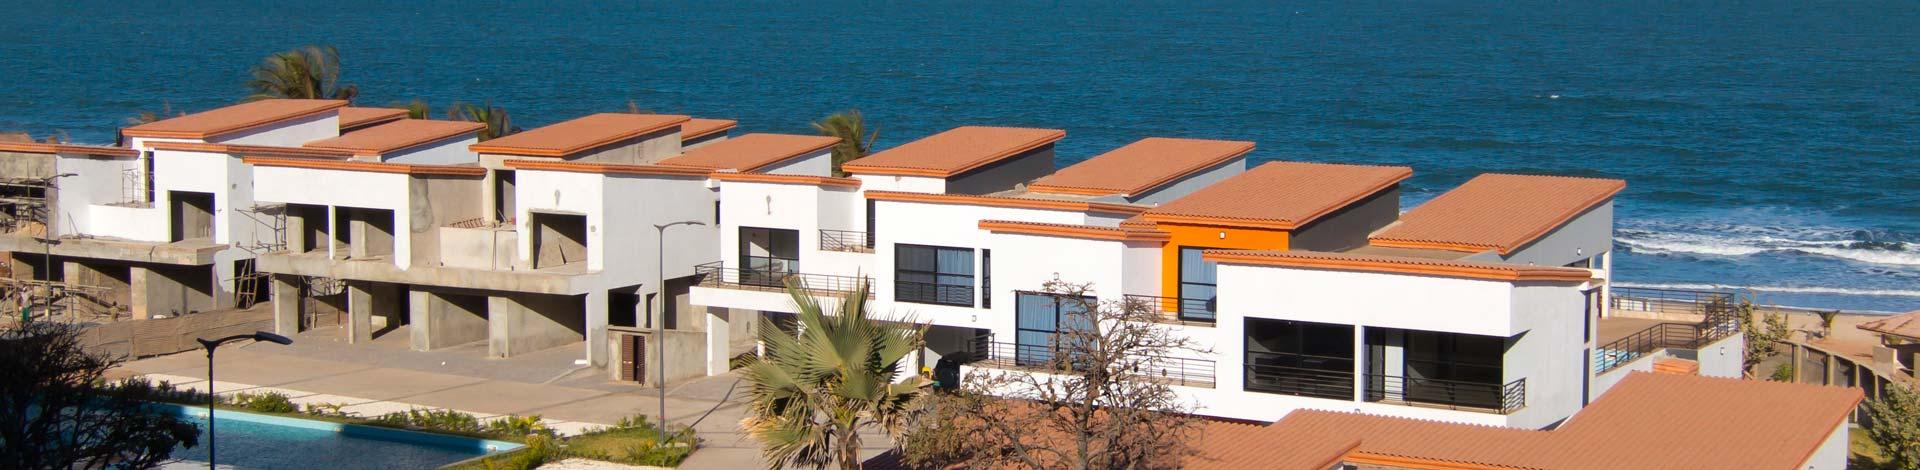 slider-villas1